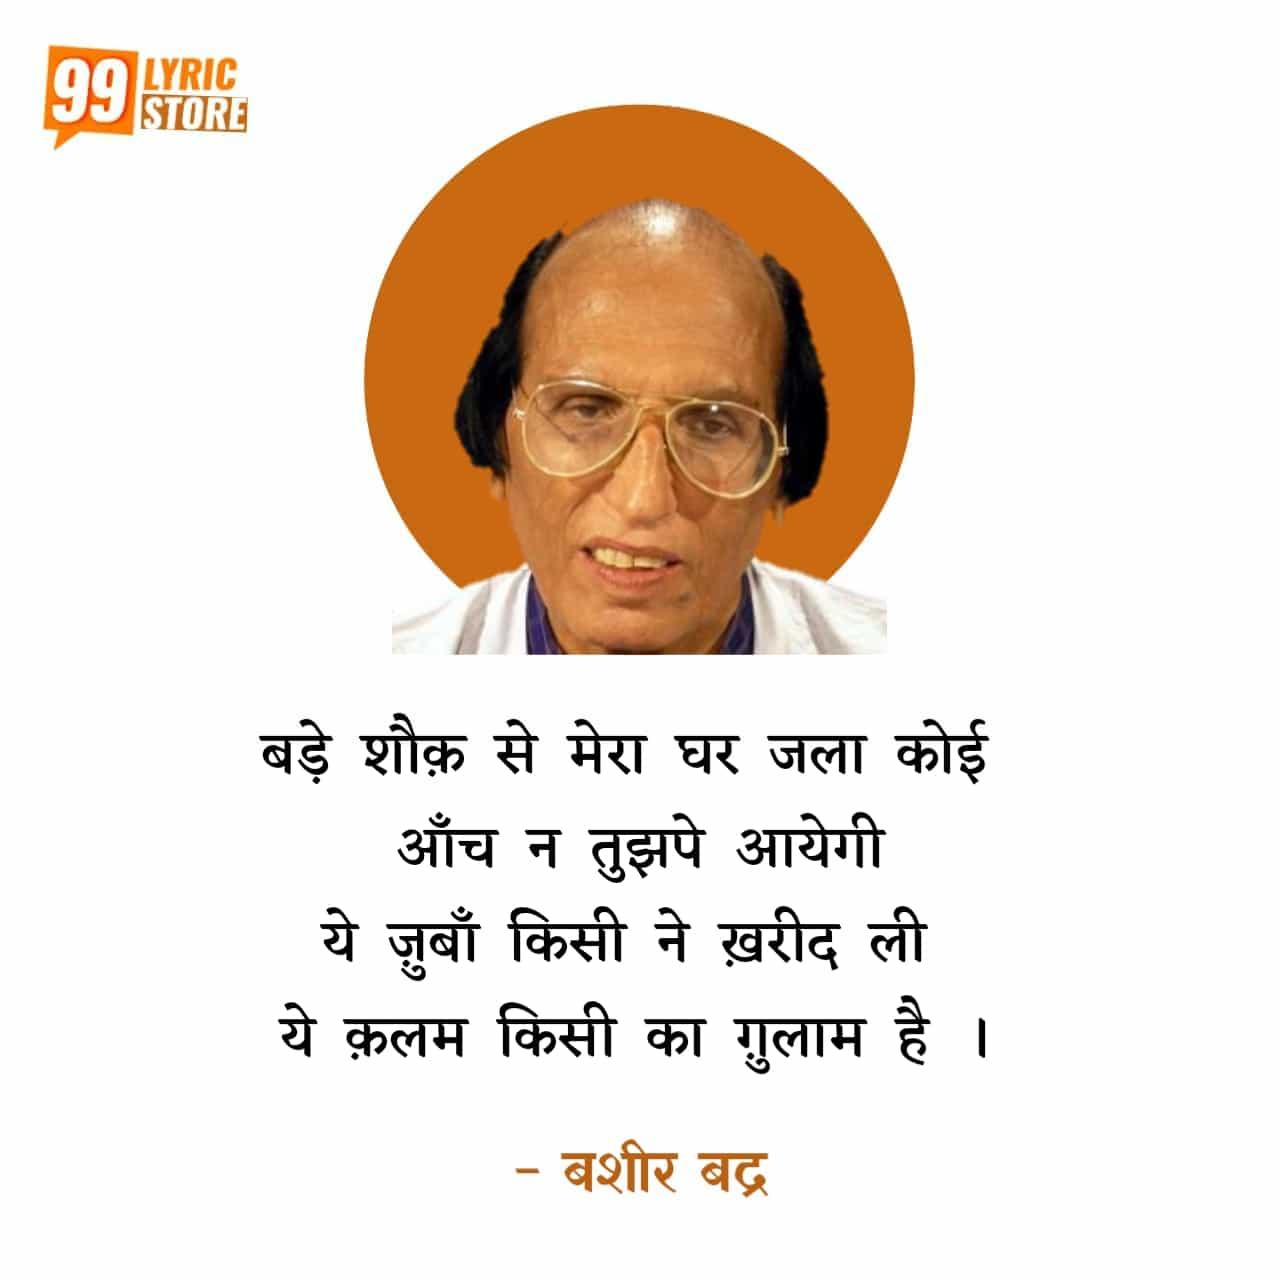 Wahi Taaz Hai Wahi Takht Hai Shayari has written By Bashir Badr.